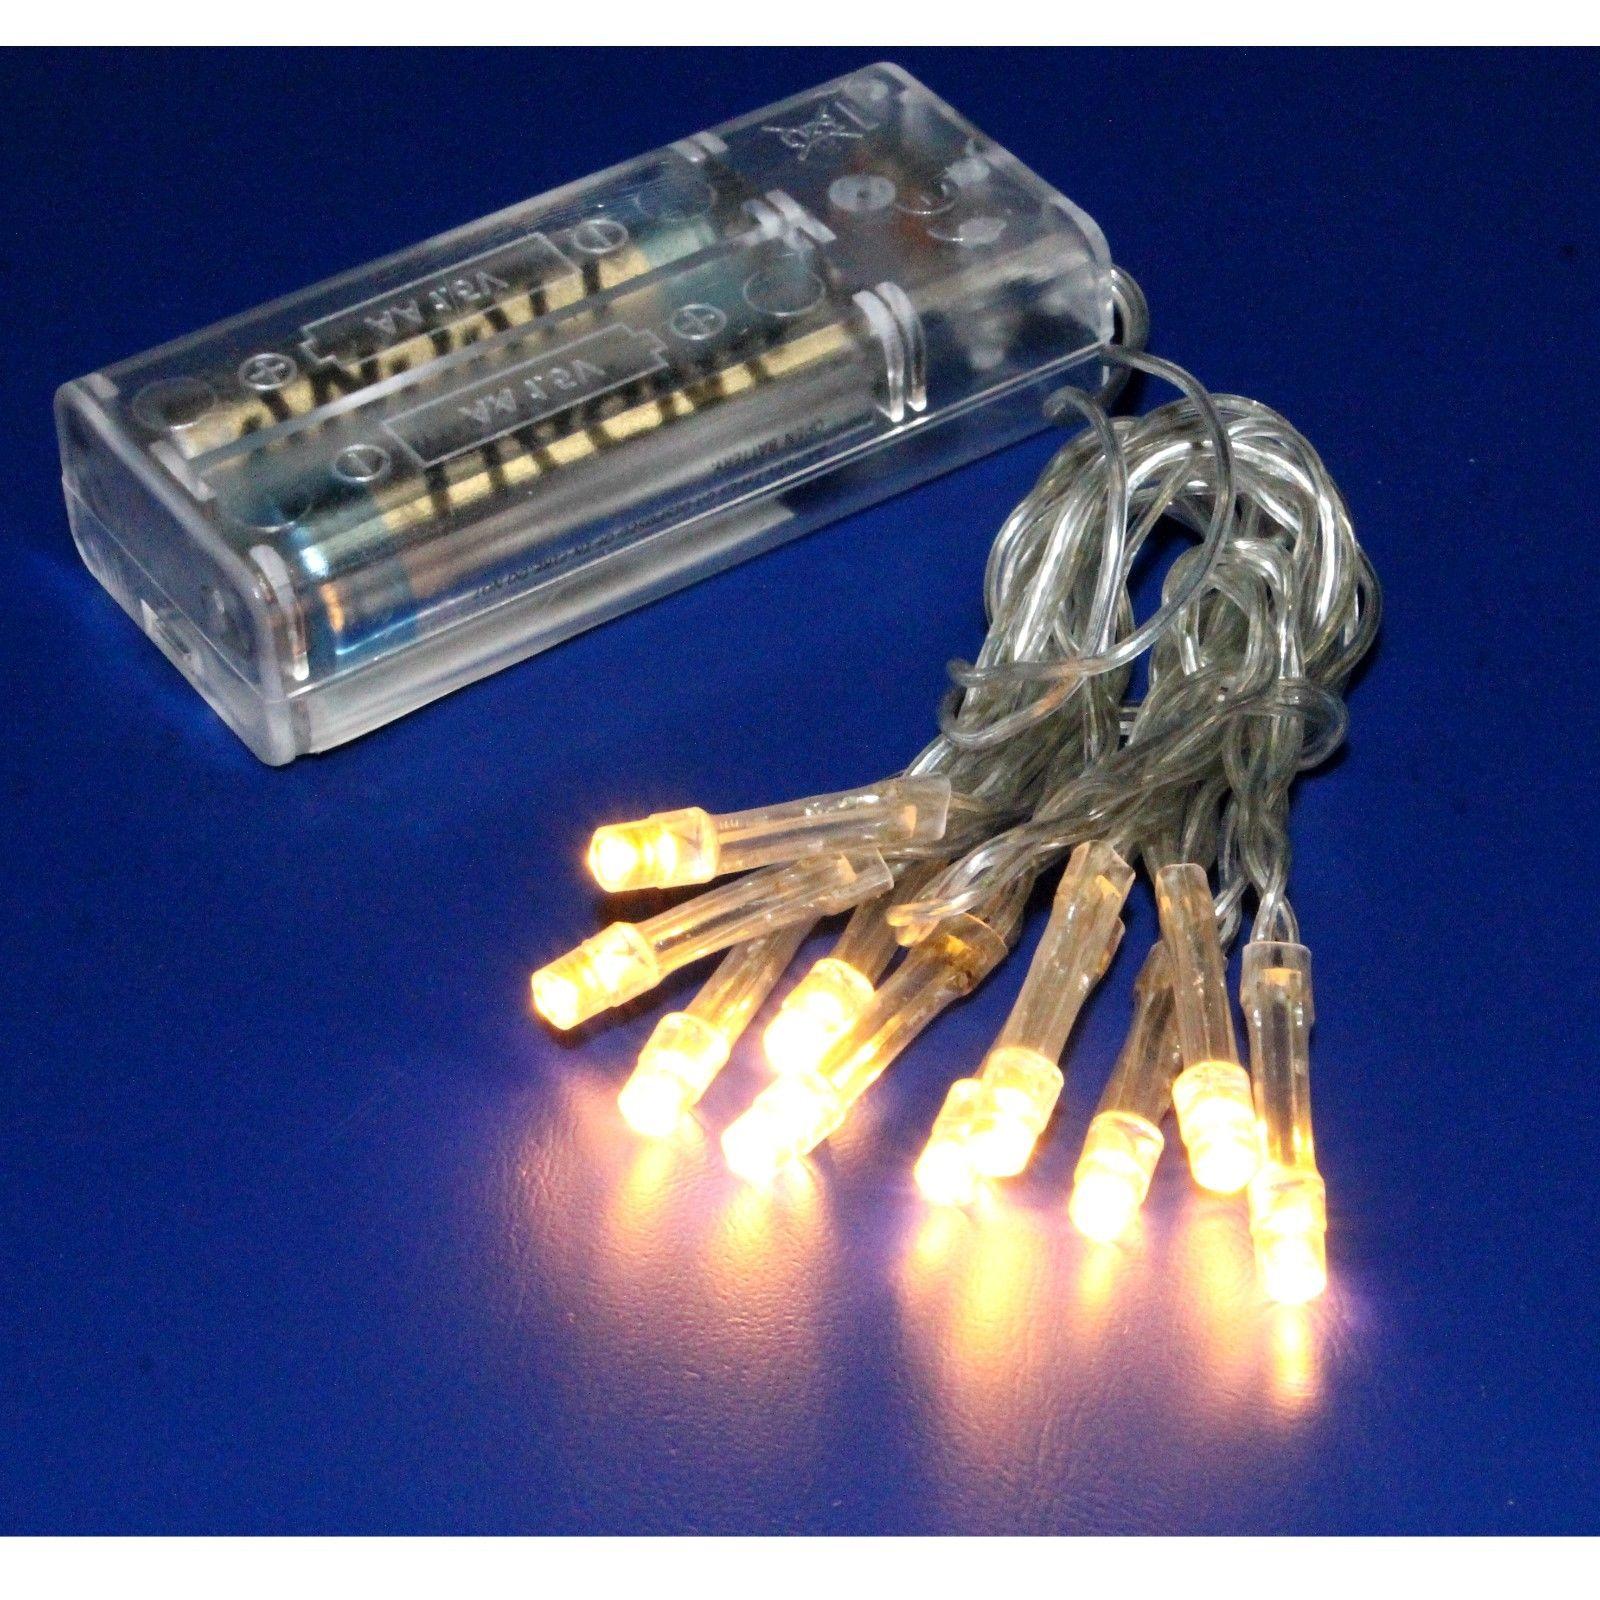 micro led draht lichterkette mit 10led warmwei batteriebetrieb tischdeko j c ebay. Black Bedroom Furniture Sets. Home Design Ideas